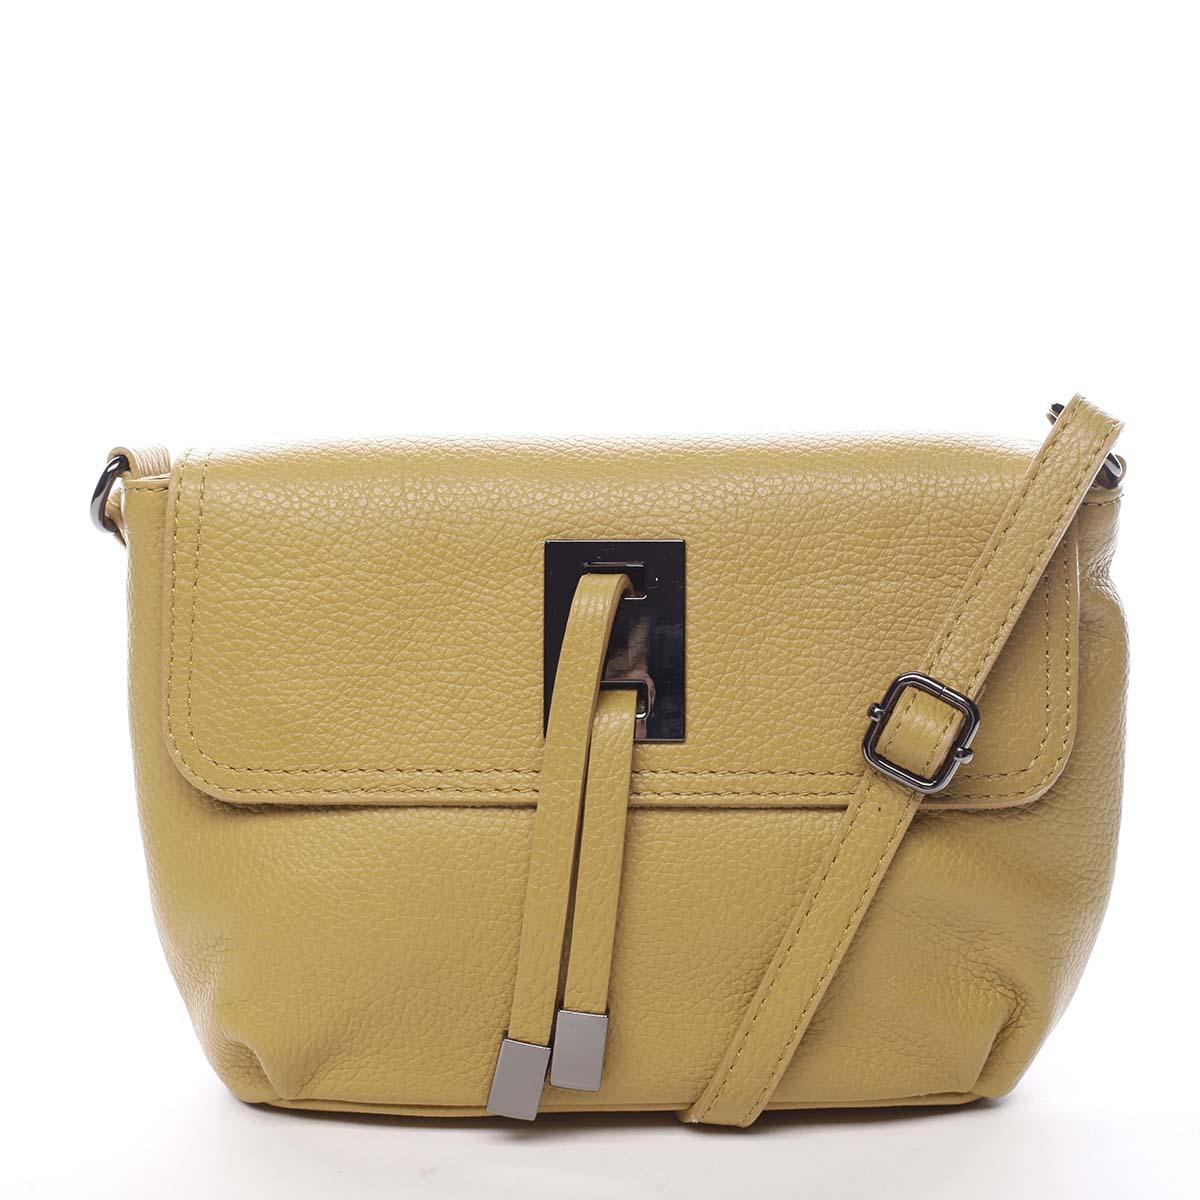 Dámská kožená crossbody kabelka tmavě žlutá - ItalY Porta